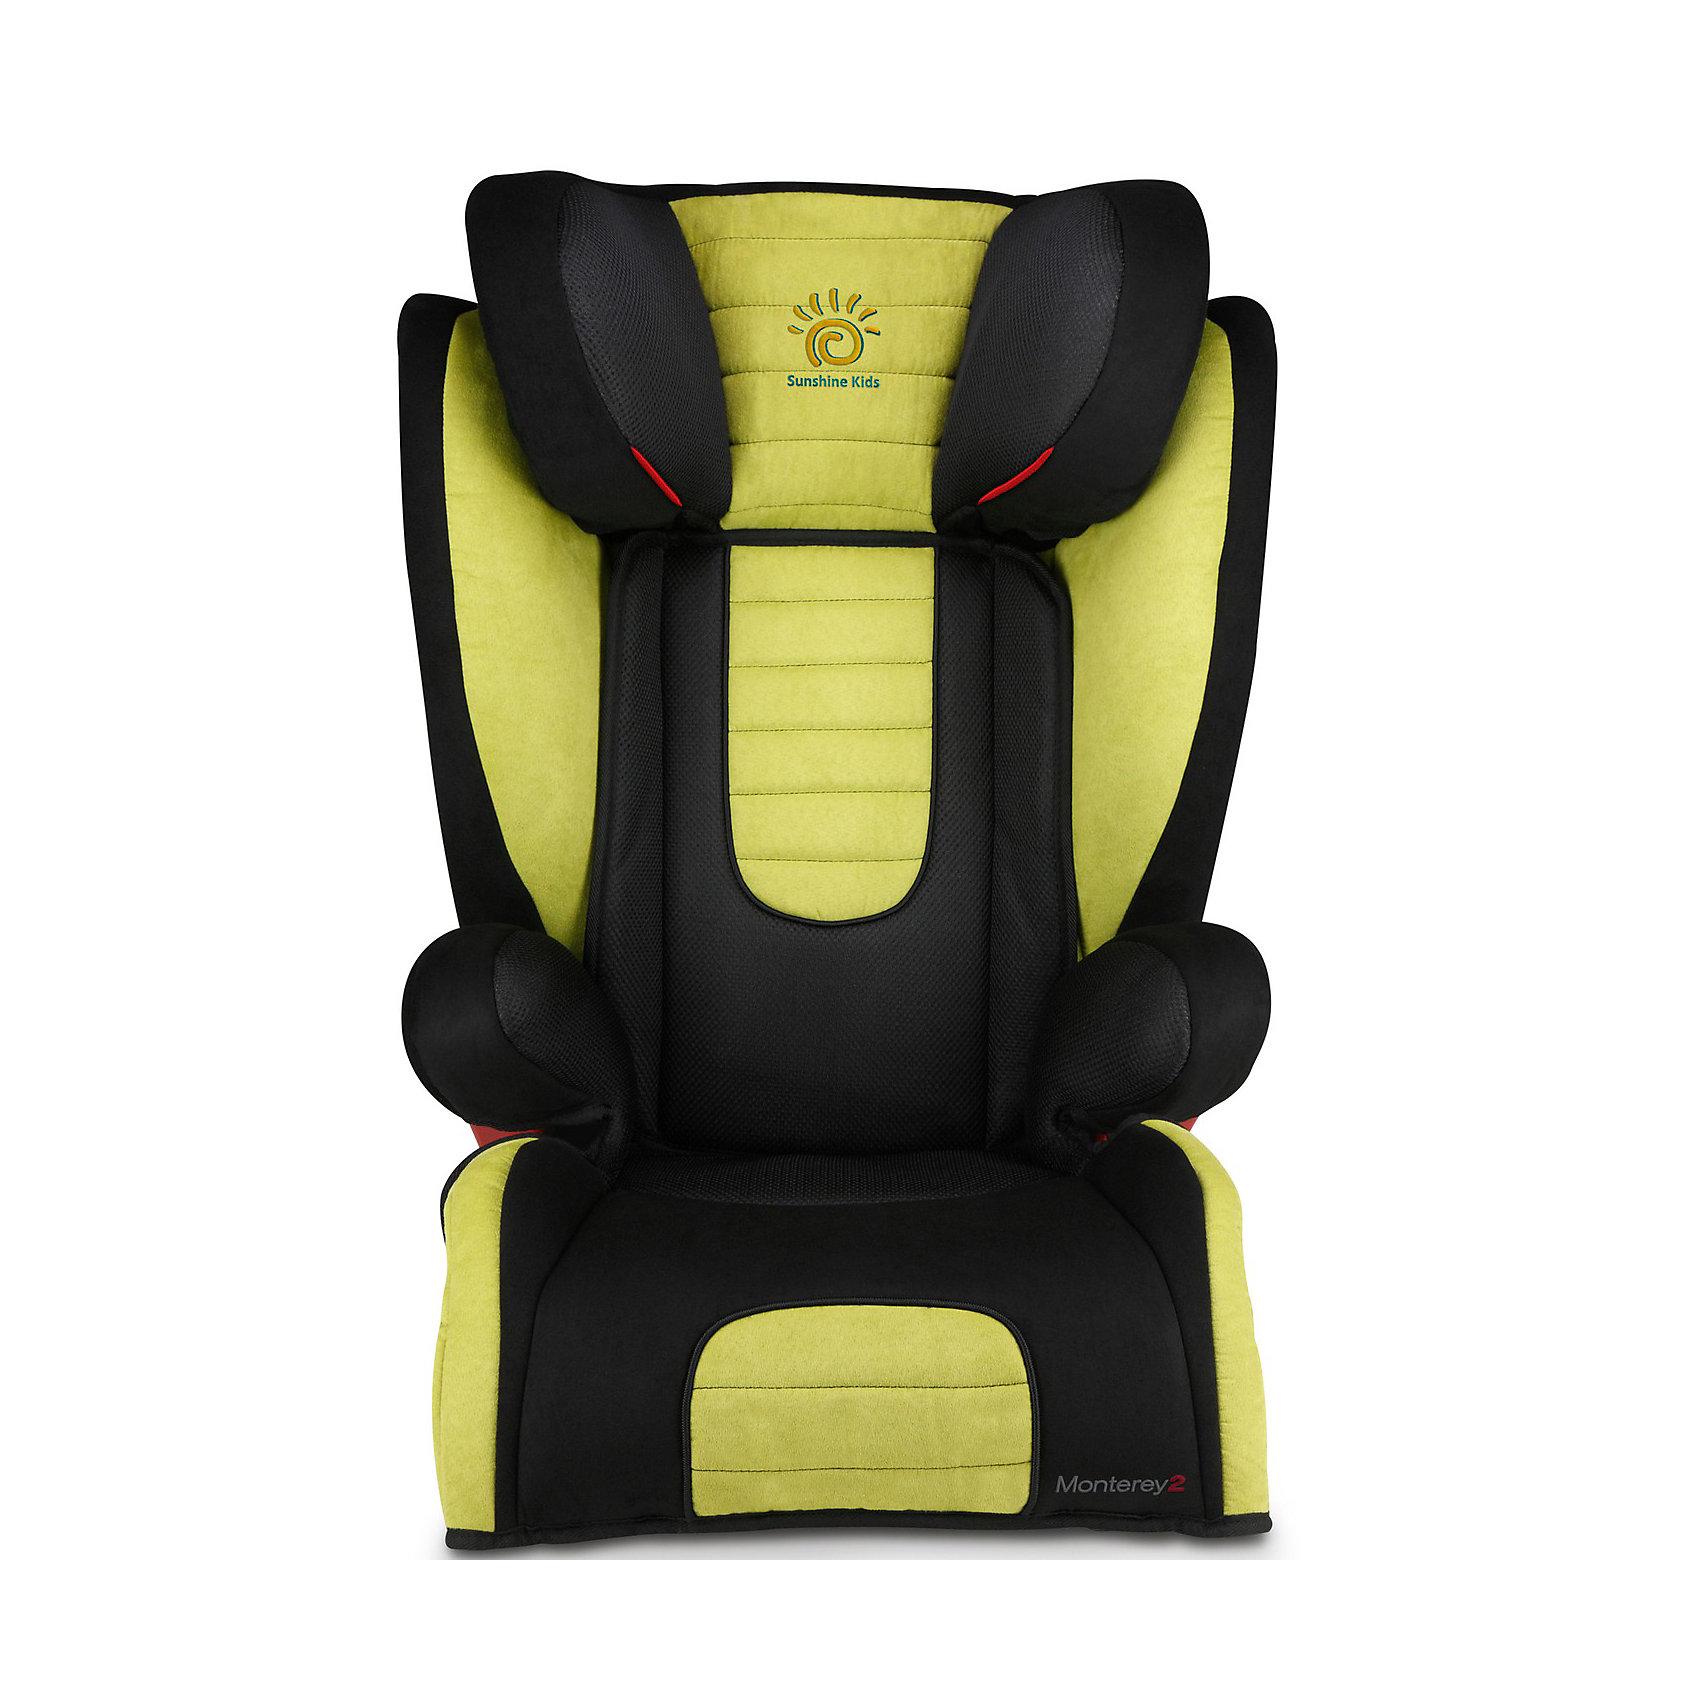 Автокресло Monterey 2, 15-36 кг., Diono, GreenDiono Monterey 2 Green - превосходное автокресло для безопасности и удобства ребенка во время длительных поездок. Кресло удобно устанавливается по ходу движения автомобиля, благодаря 3-точечным ремням и легкой регулировке креплений с системой Isofix. Для повышенной безопасности автокресло оборудовано глубоким регулируемым подголовником и боковыми подушками. Удобство ребенку обеспечат регулируемая спинка, мягкая подкладка и два удобных подстаканника. Это кресло надежно защитит вашего ребенка!<br>Особенности и преимущества:<br>-для детей от 15 до 36 кг<br>-крепления Isofix<br>-боковые подушки для дополнительной боковой защиты<br>-11 положений подголовника; регулируется на высоту до 16 см<br>-дополнительные ремни безопасности<br>-2 подстаканника<br>-чехол легко снимается для стирки<br>Цвет: зеленый<br>Материал: металл, текстиль, пластик<br>Размеры: 50x40,5х66 см<br>Вес: 7,1 кг<br>Автокресло Diono Monterey 2 Green  можно купить в нашем интернет-магазине.<br><br>Ширина мм: 260<br>Глубина мм: 790<br>Высота мм: 500<br>Вес г: 8200<br>Возраст от месяцев: 48<br>Возраст до месяцев: 144<br>Пол: Унисекс<br>Возраст: Детский<br>SKU: 2433058